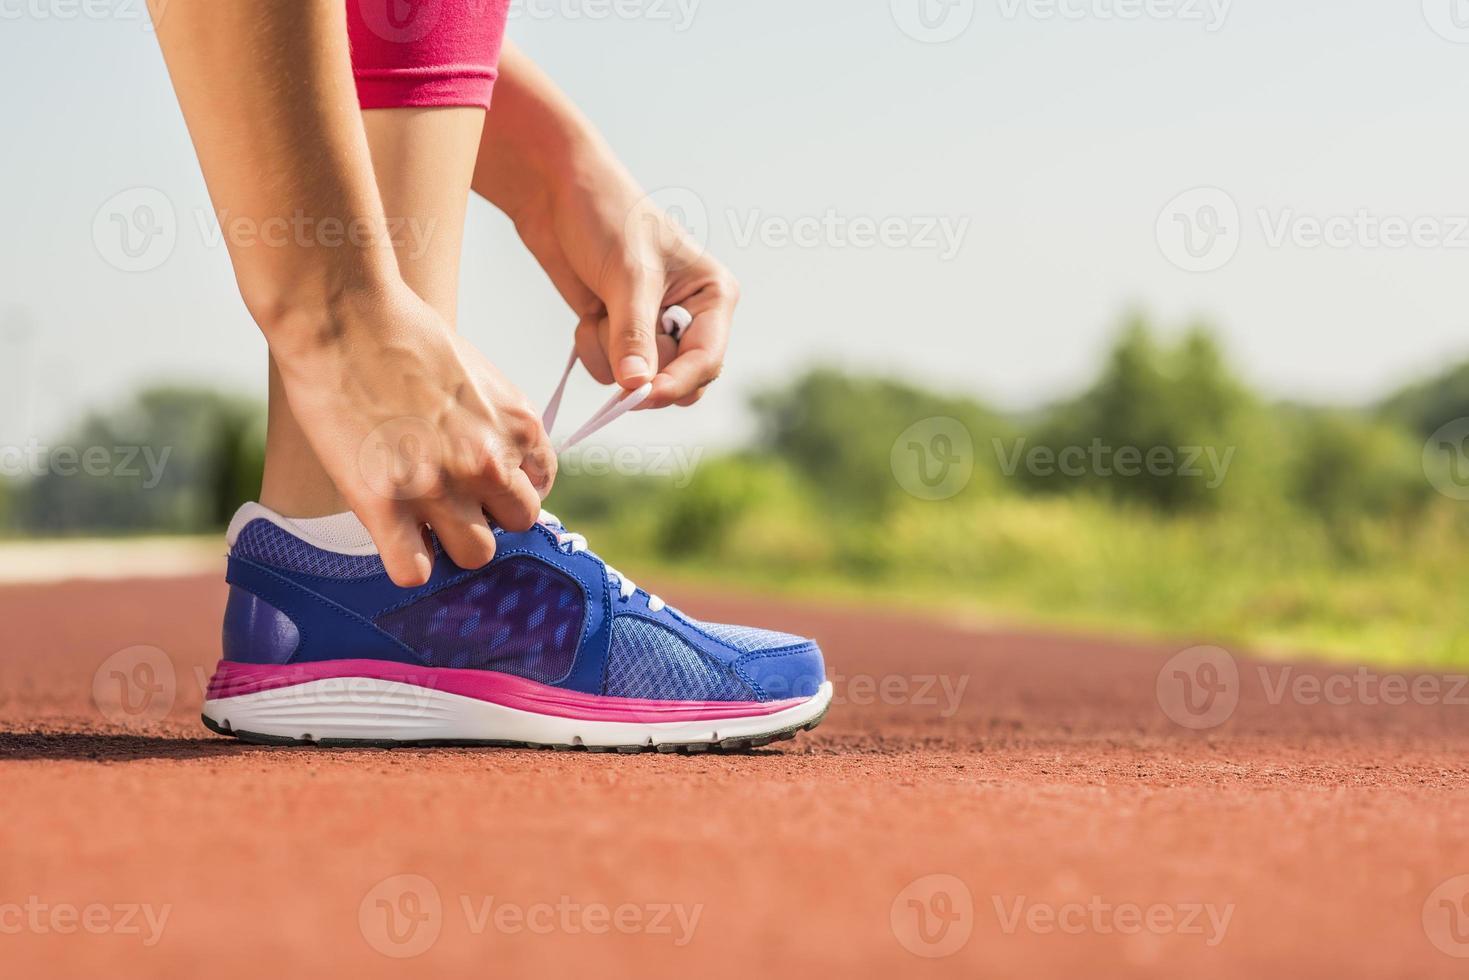 primo piano di una donna che allaccia i lacci delle sue scarpe da corsa foto